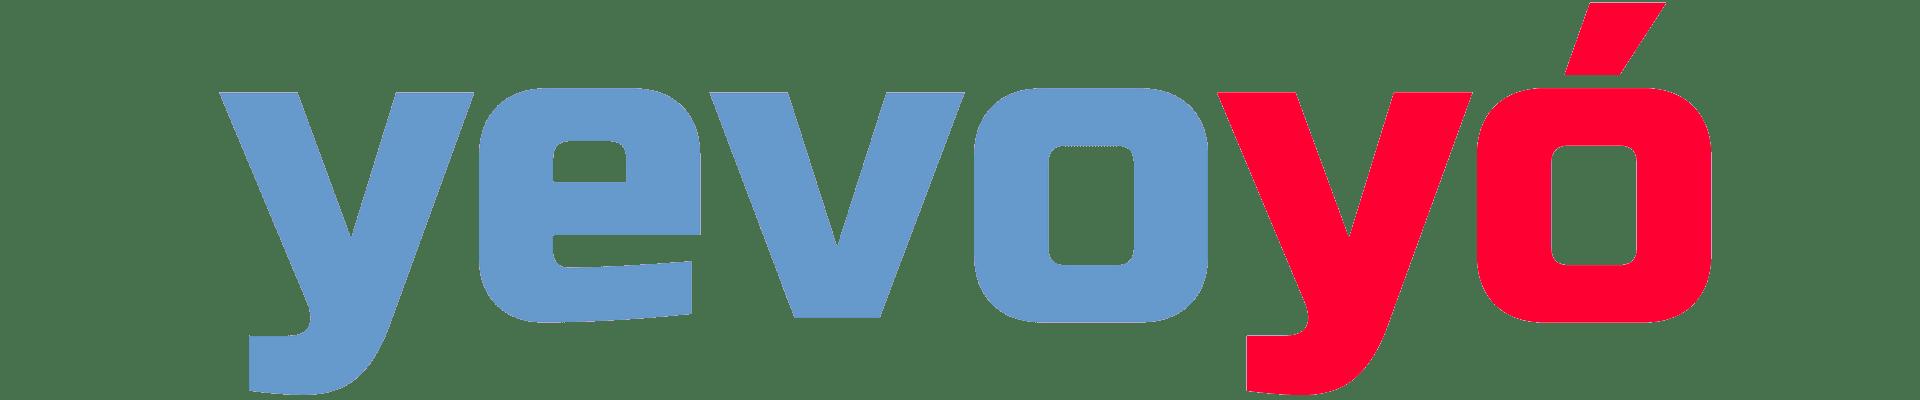 yevoyo logo